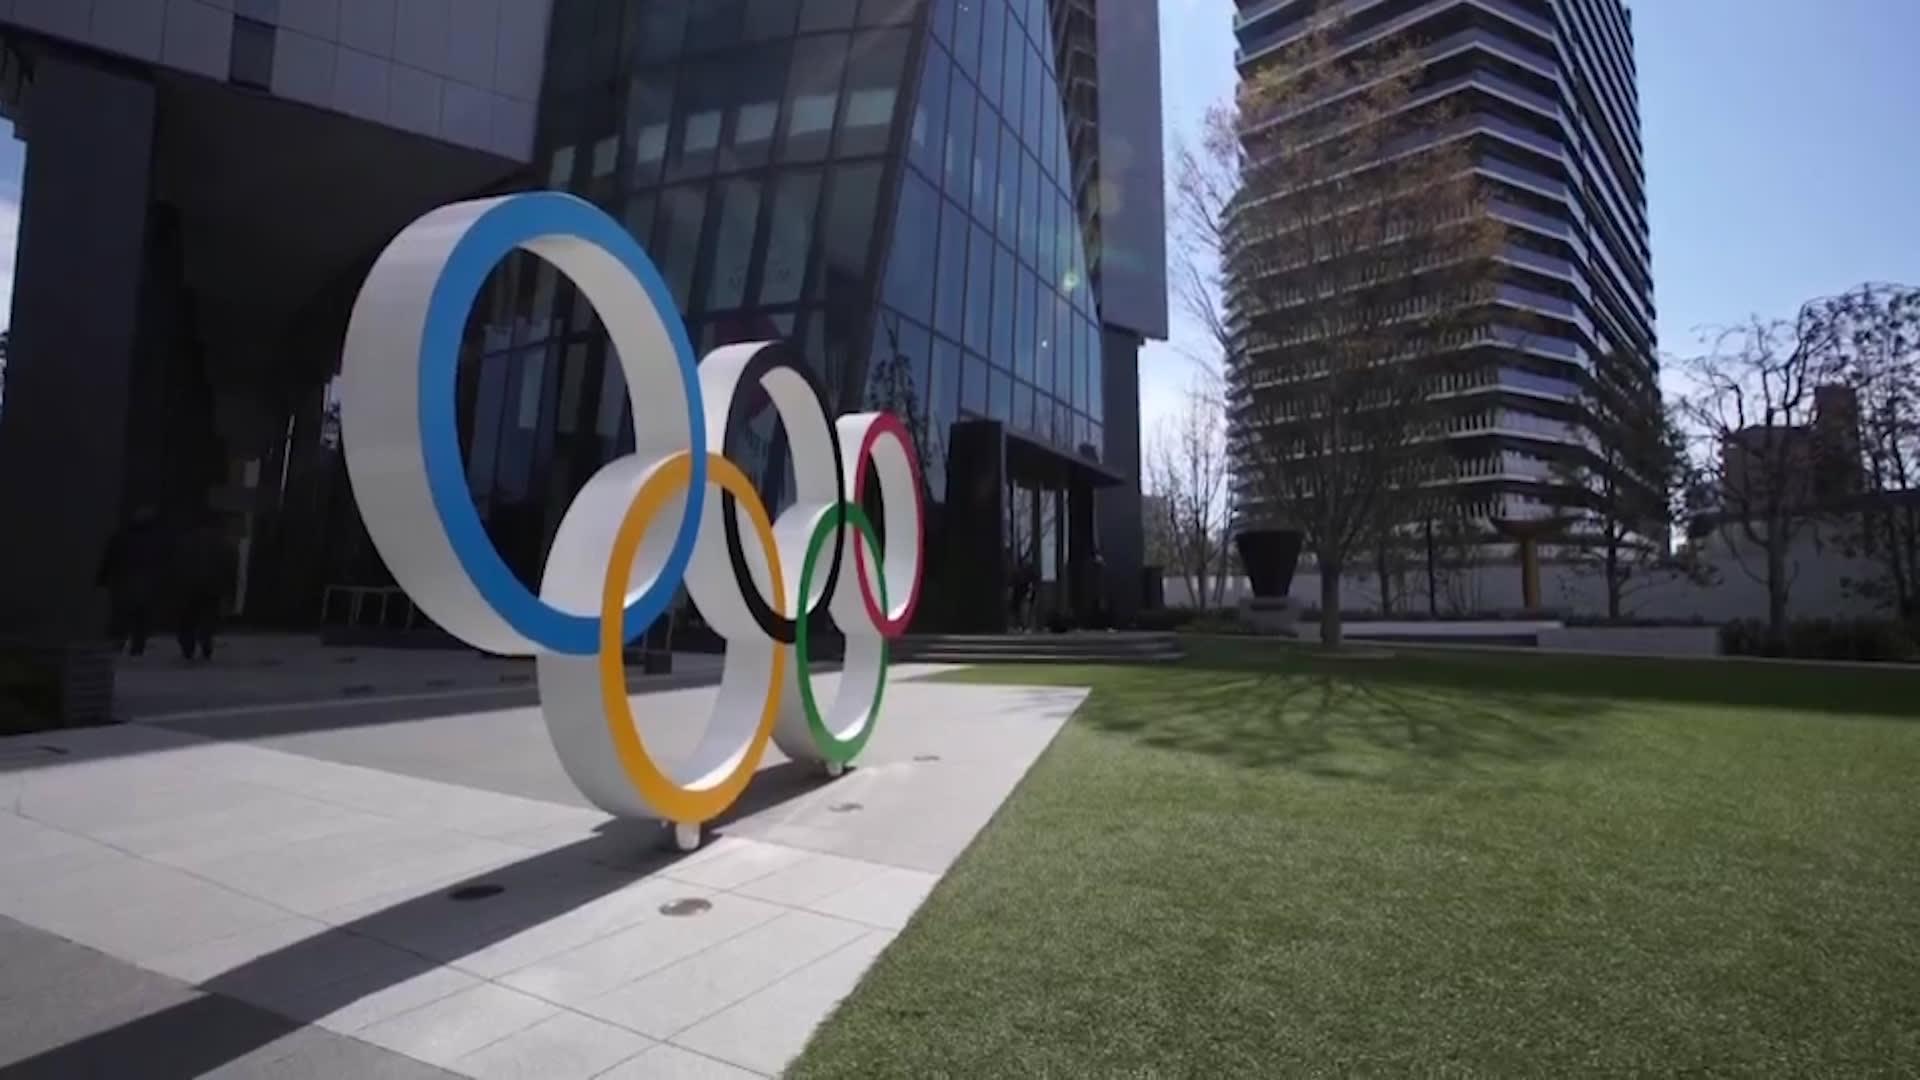 هكذا سيتم متابعة لاعبي الأولمبياد بعد وصولهم لألعاب طوكيو باليابان